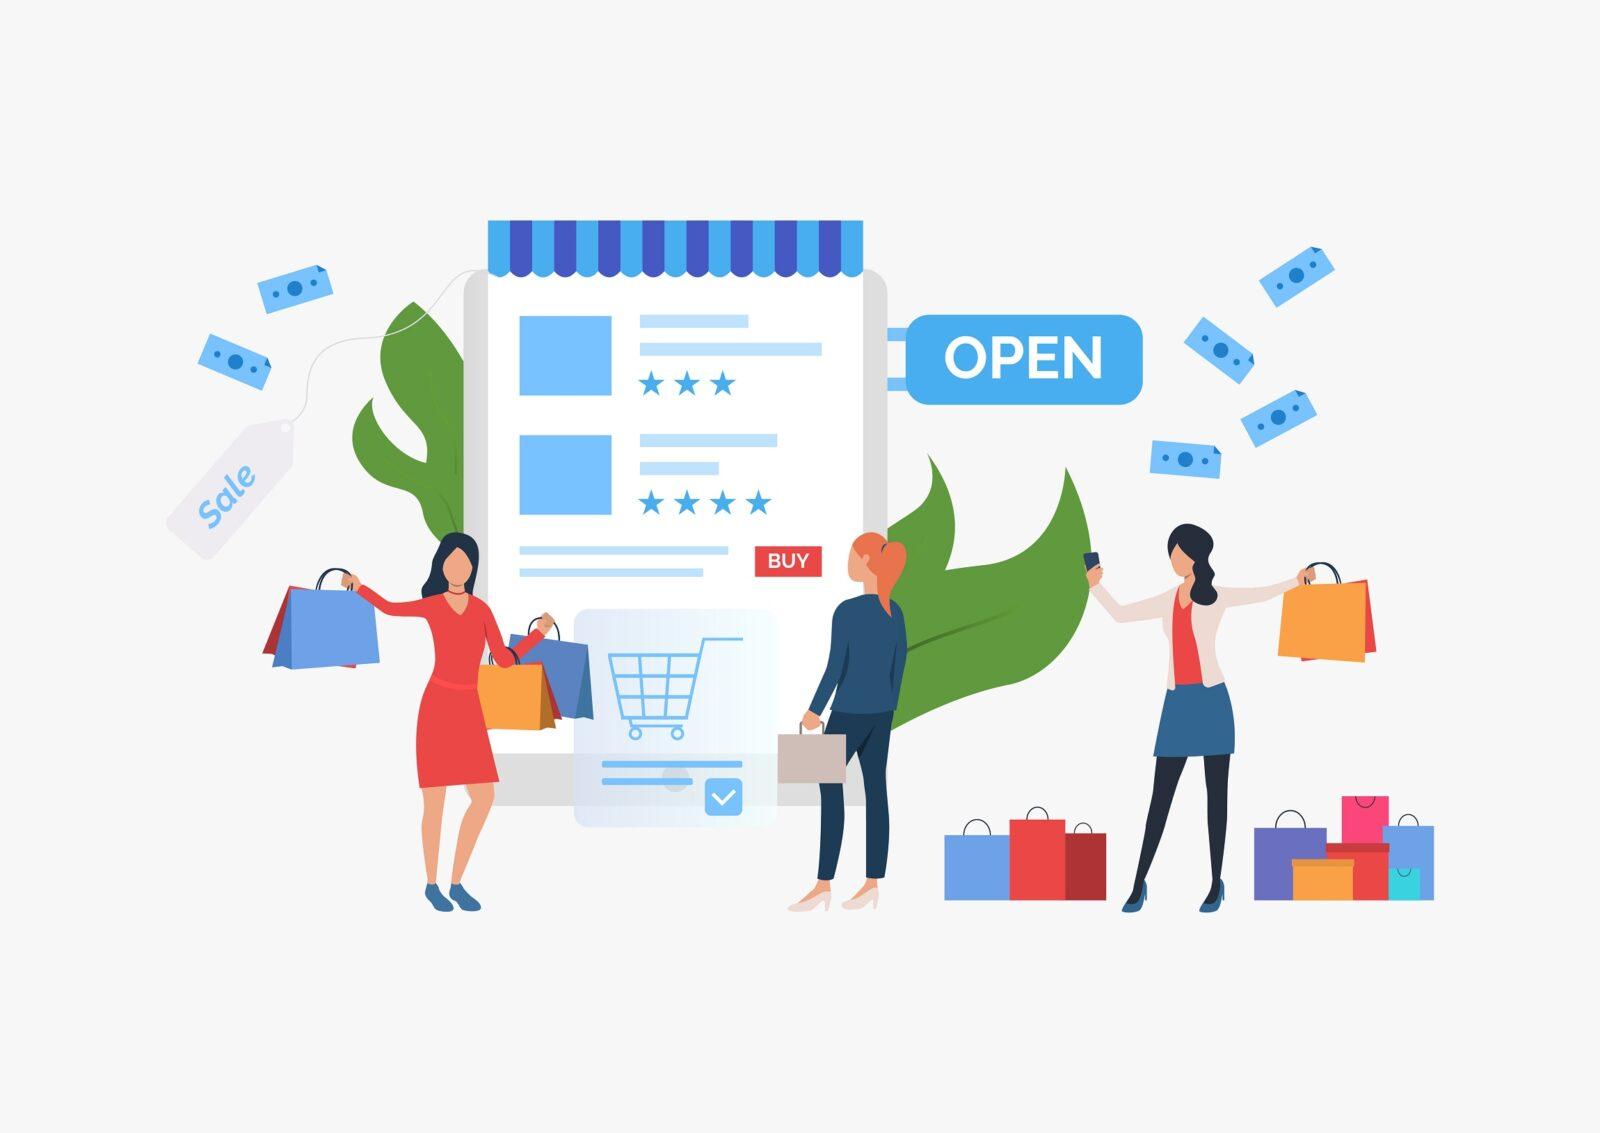 SEO советы для маркетплейсов и интернет-магазинов